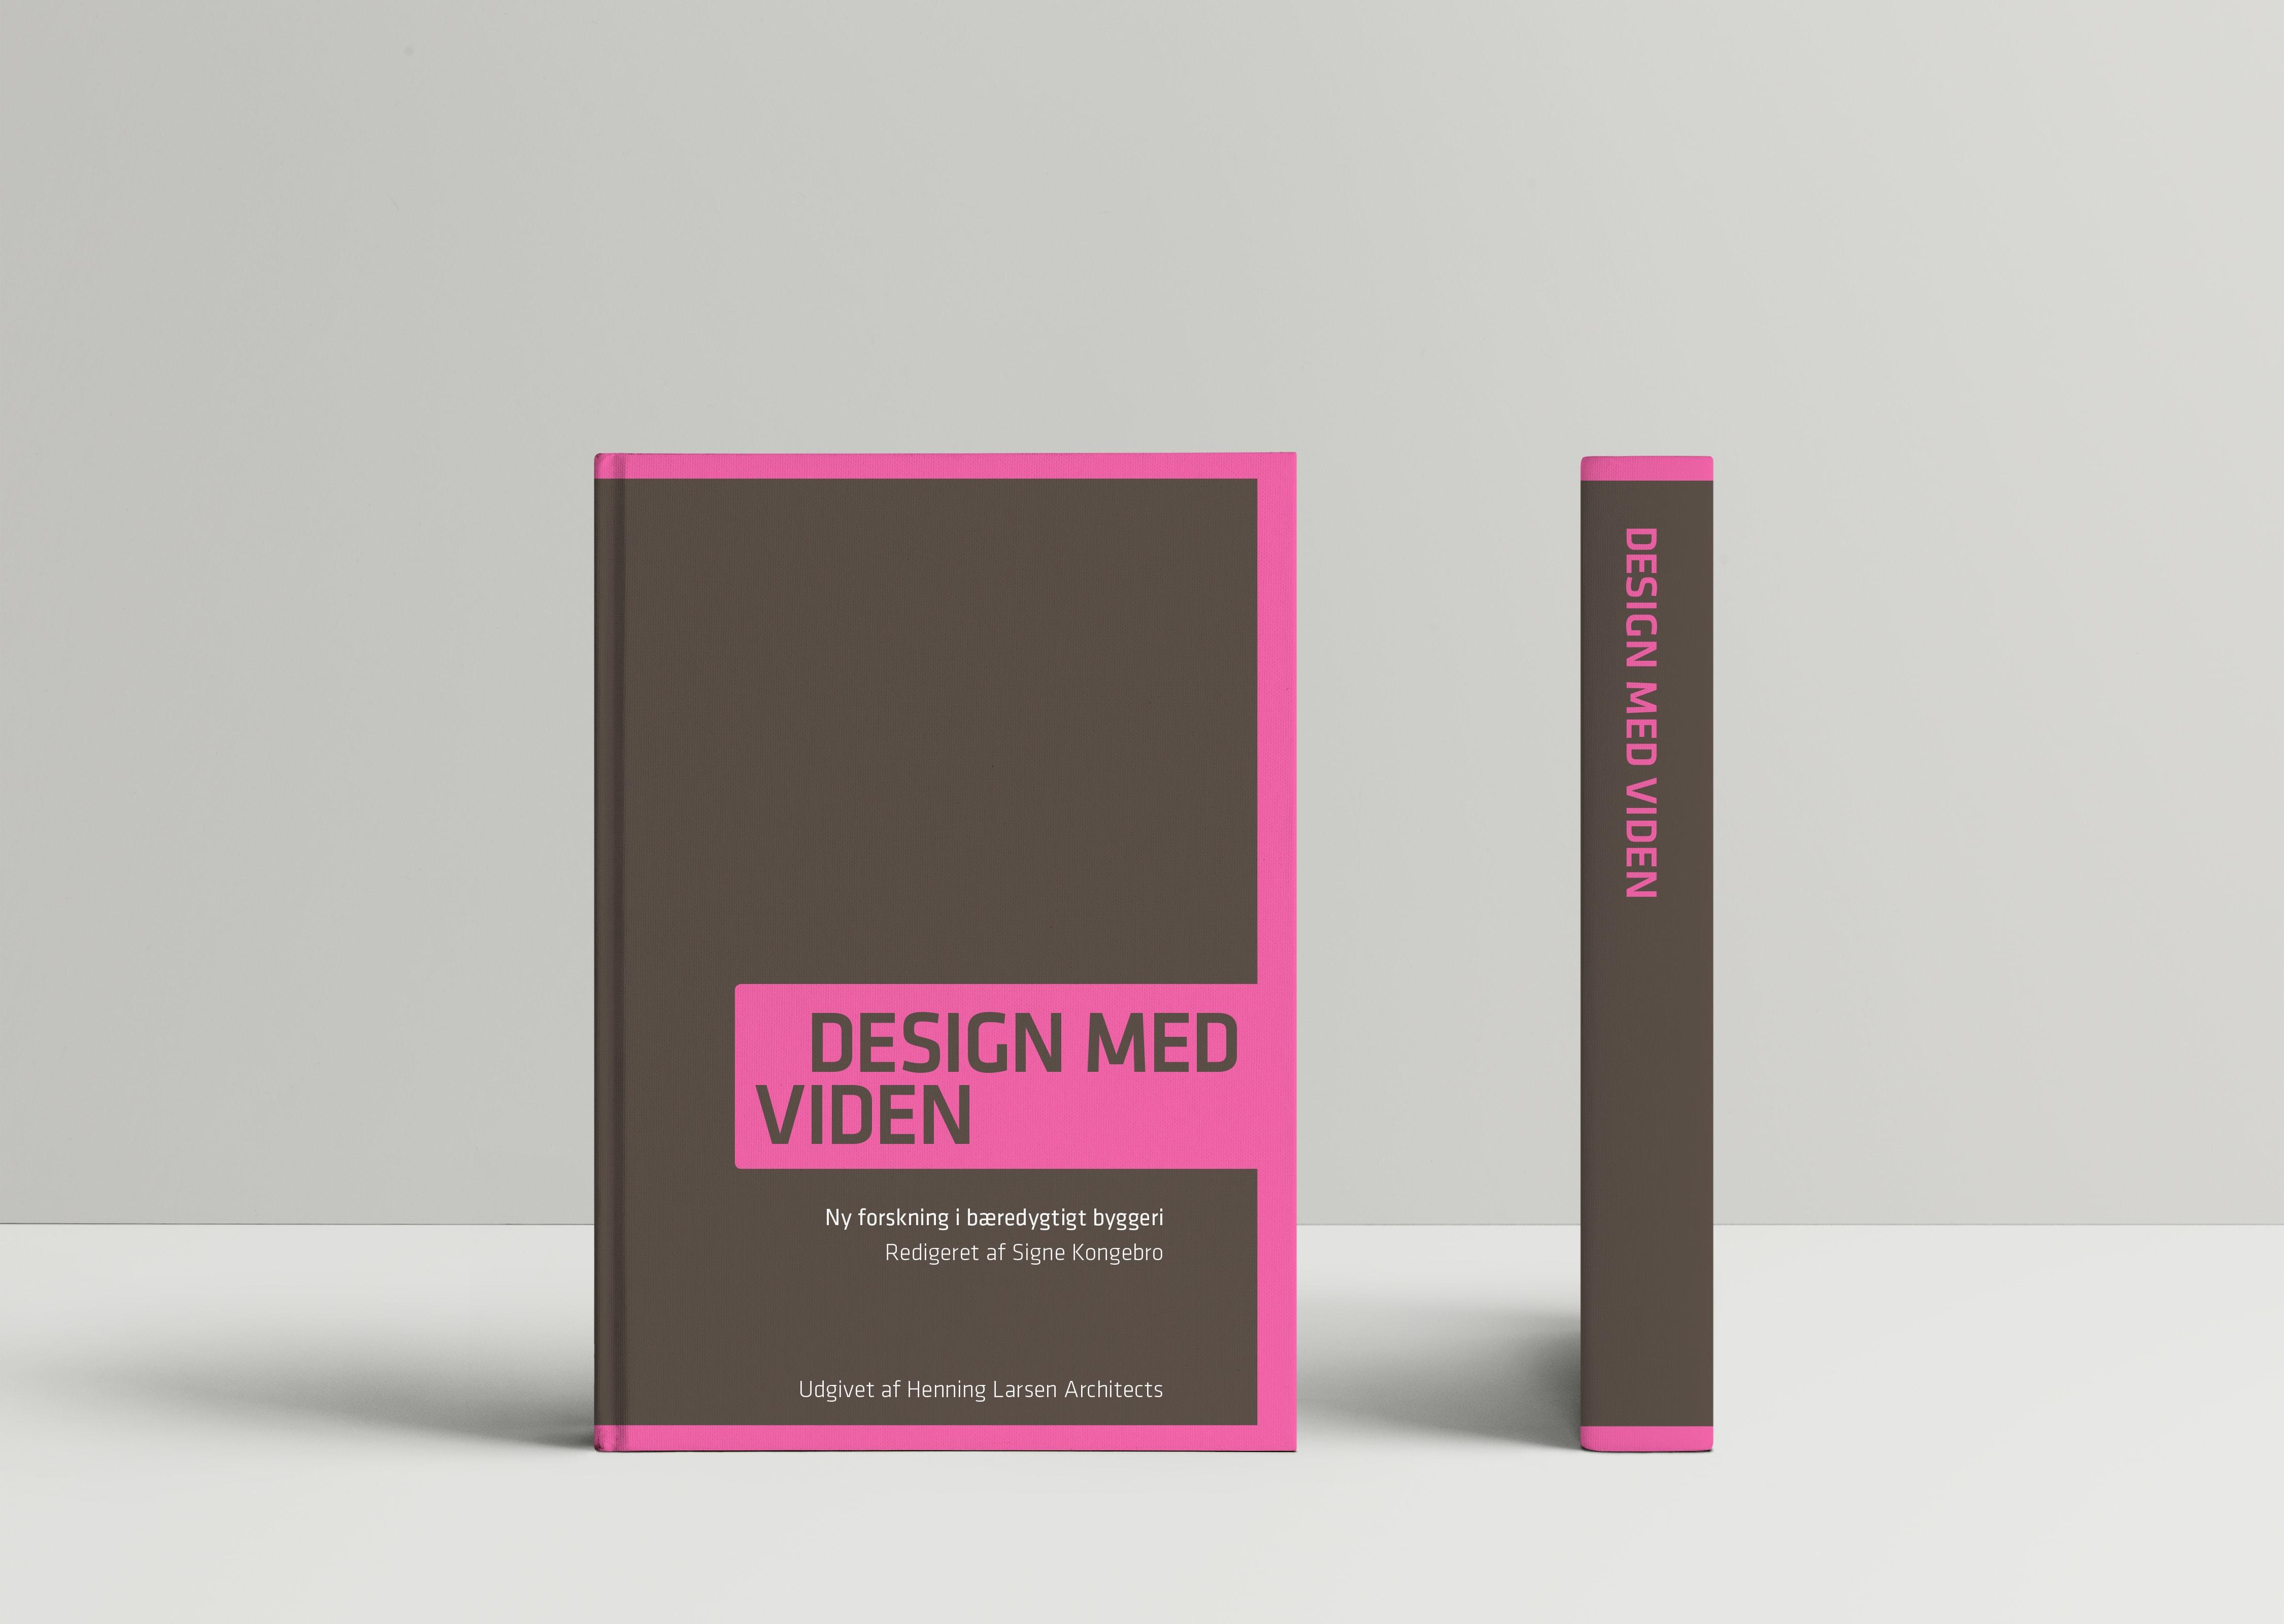 designmedviden_philipjohansen